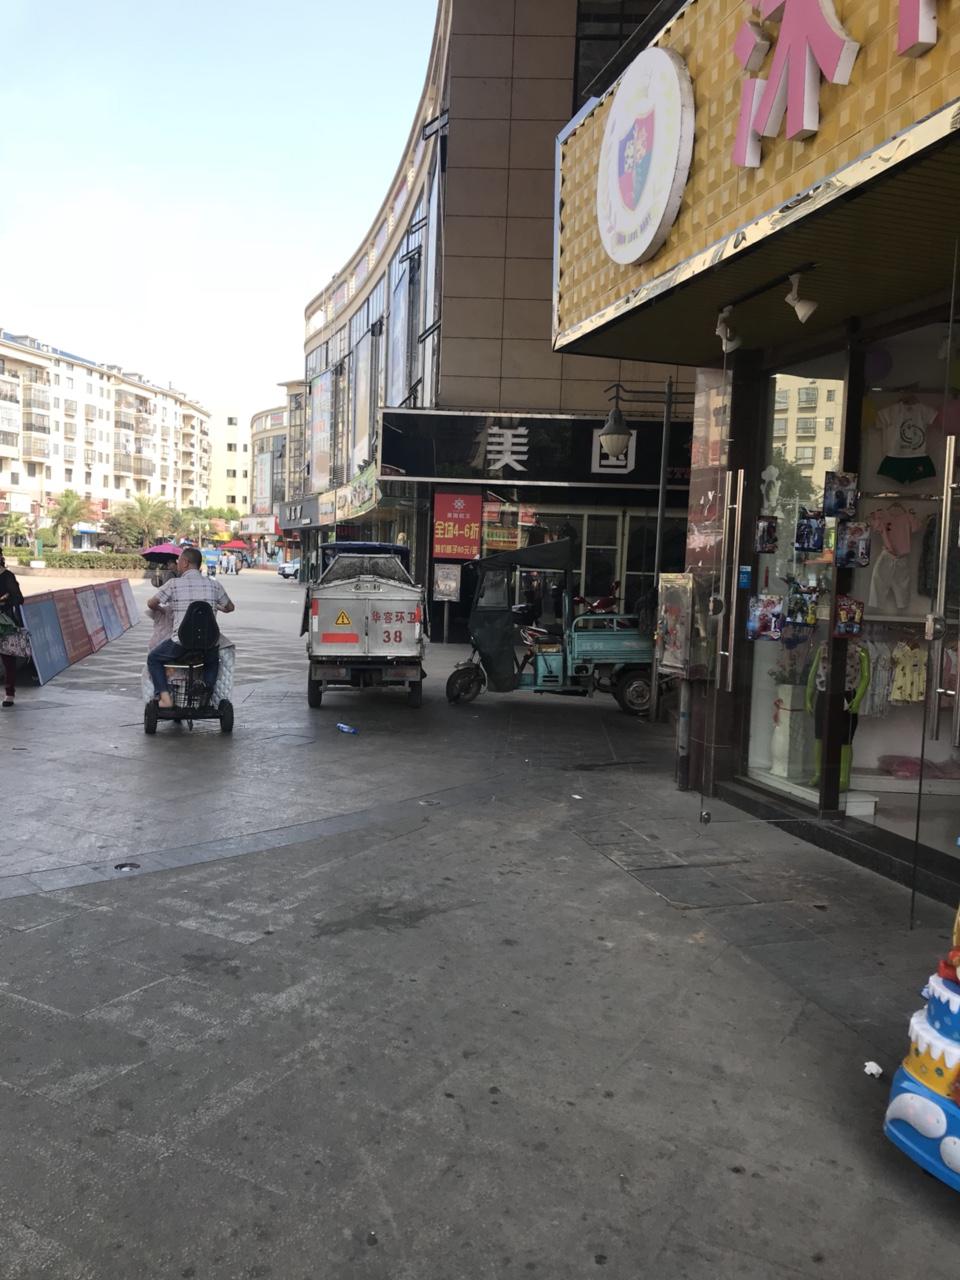 这是一个关于华容县城市广场垃圾场随便乱放的帖子,希望有关部门看到能解决,不能这样放在店子边上,